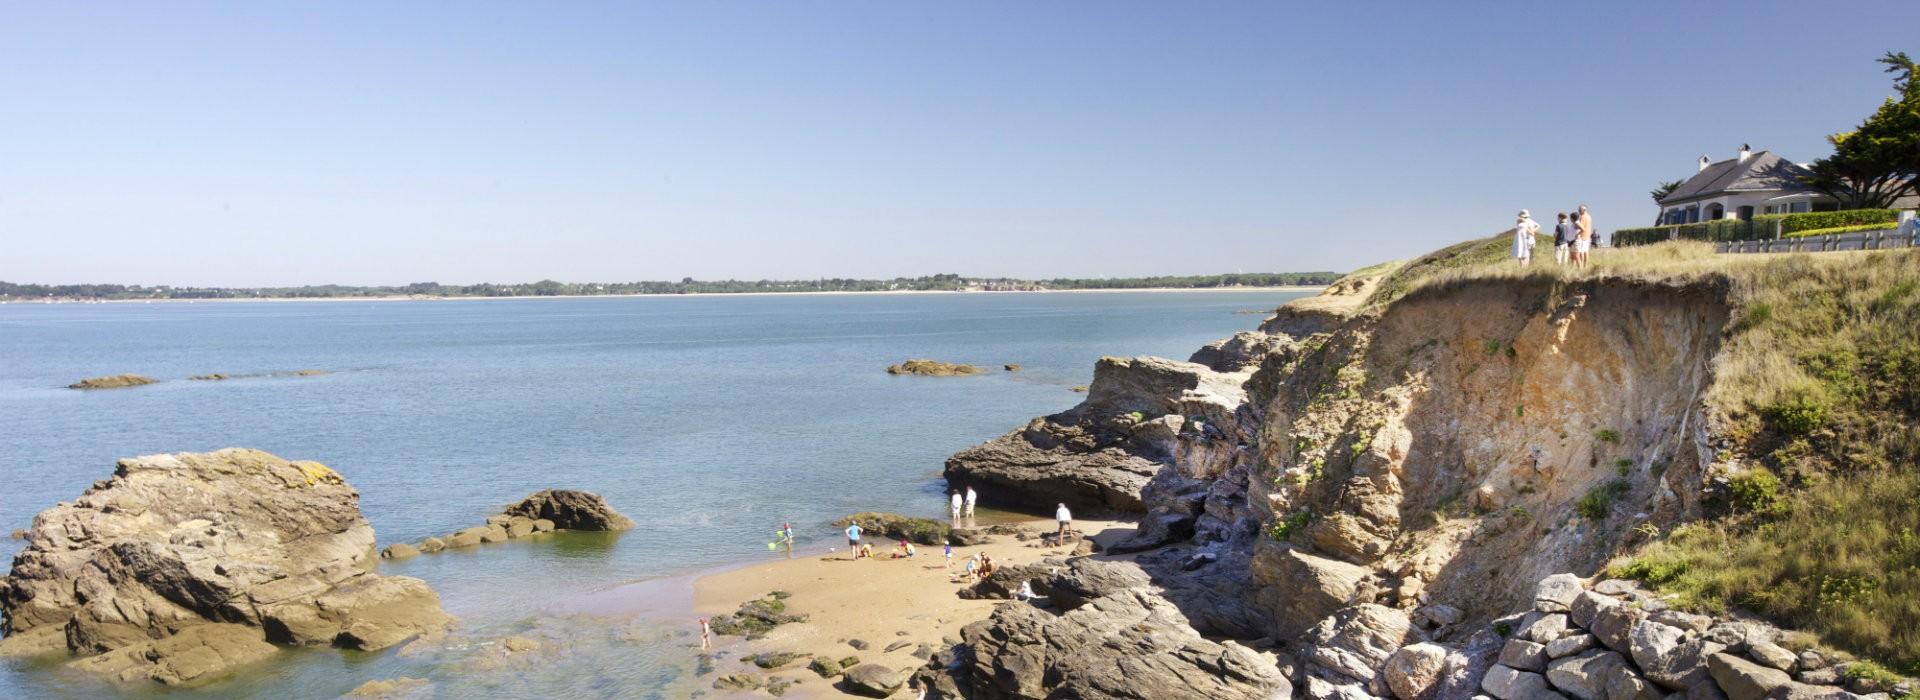 Baie de Pen Bé à Assérac